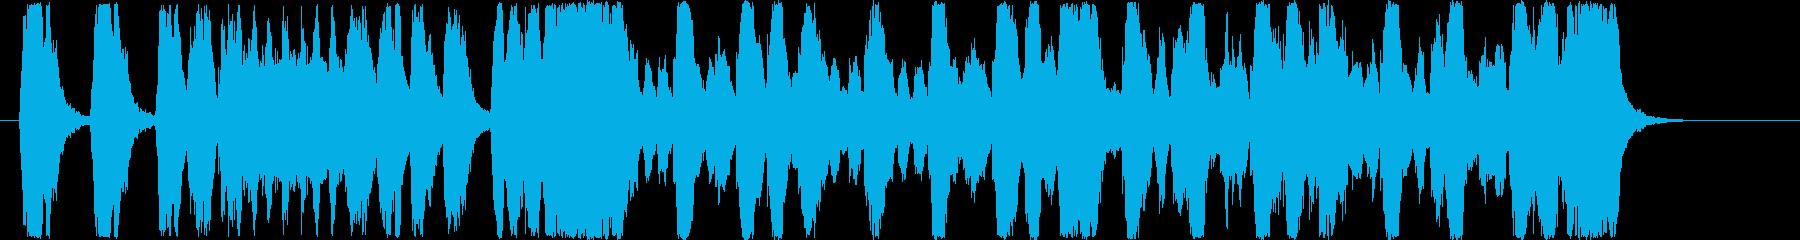 「交響曲第9番 新世界より」ドボルザークの再生済みの波形